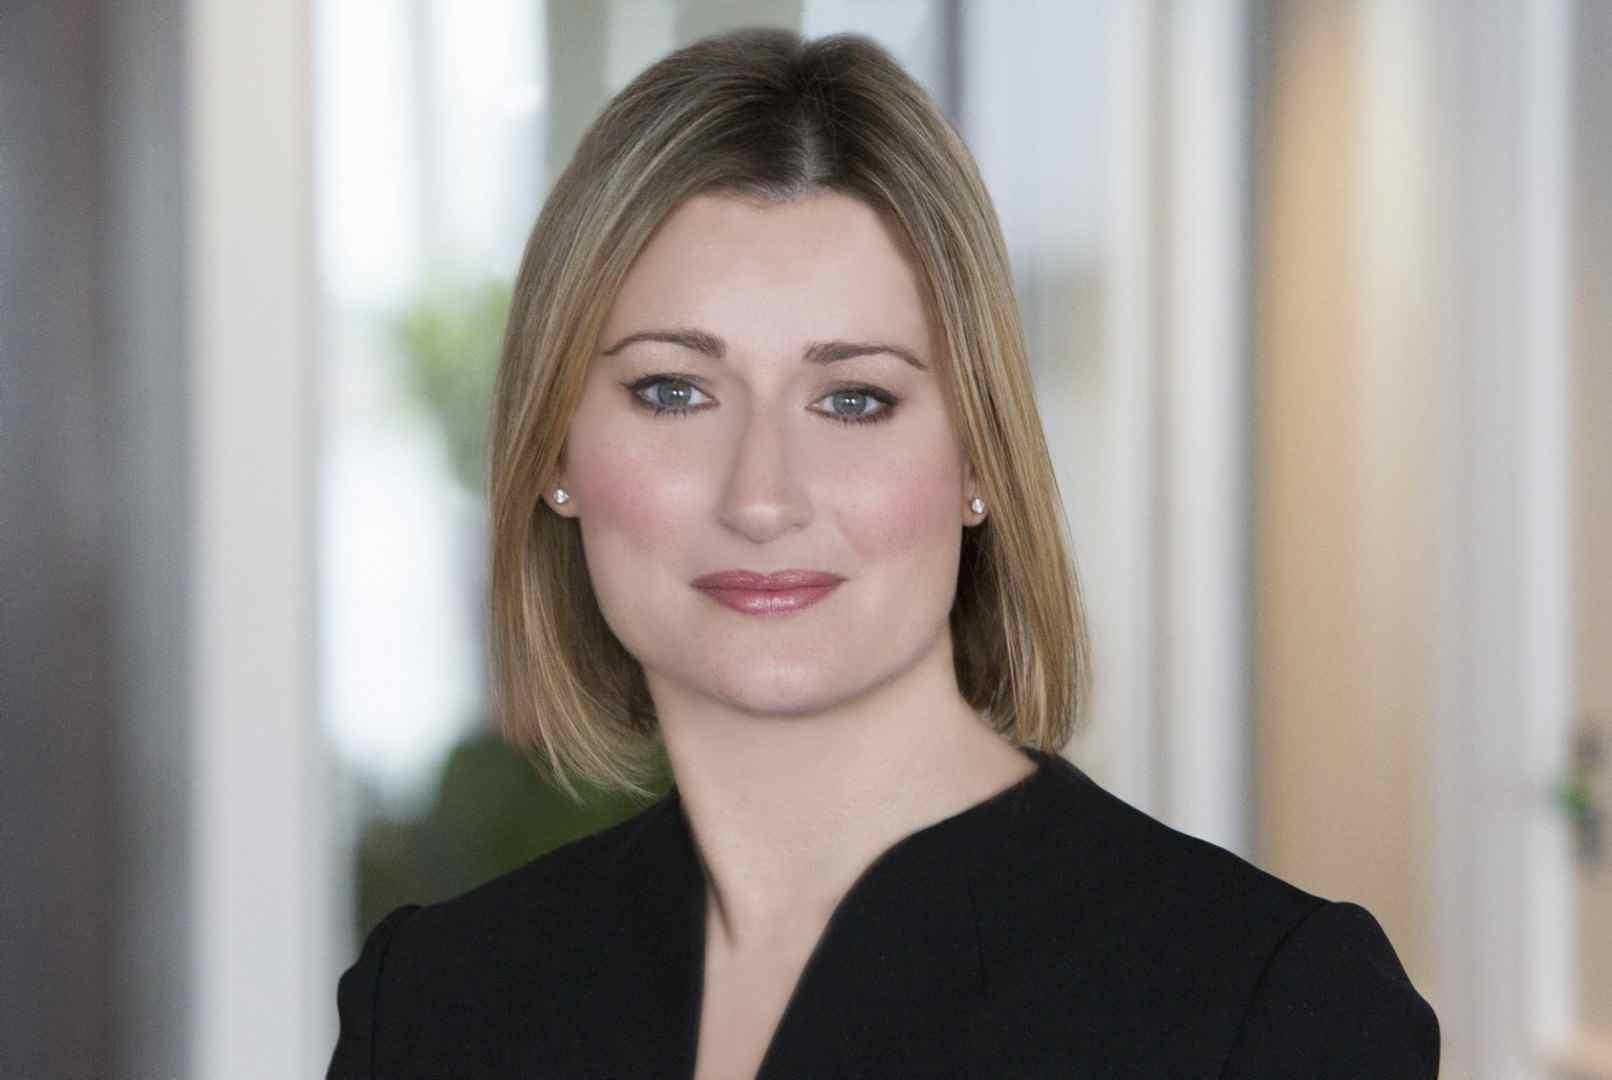 Kristin Porthier (EY-Parthenon, Ernst & Young, Boston, USA)